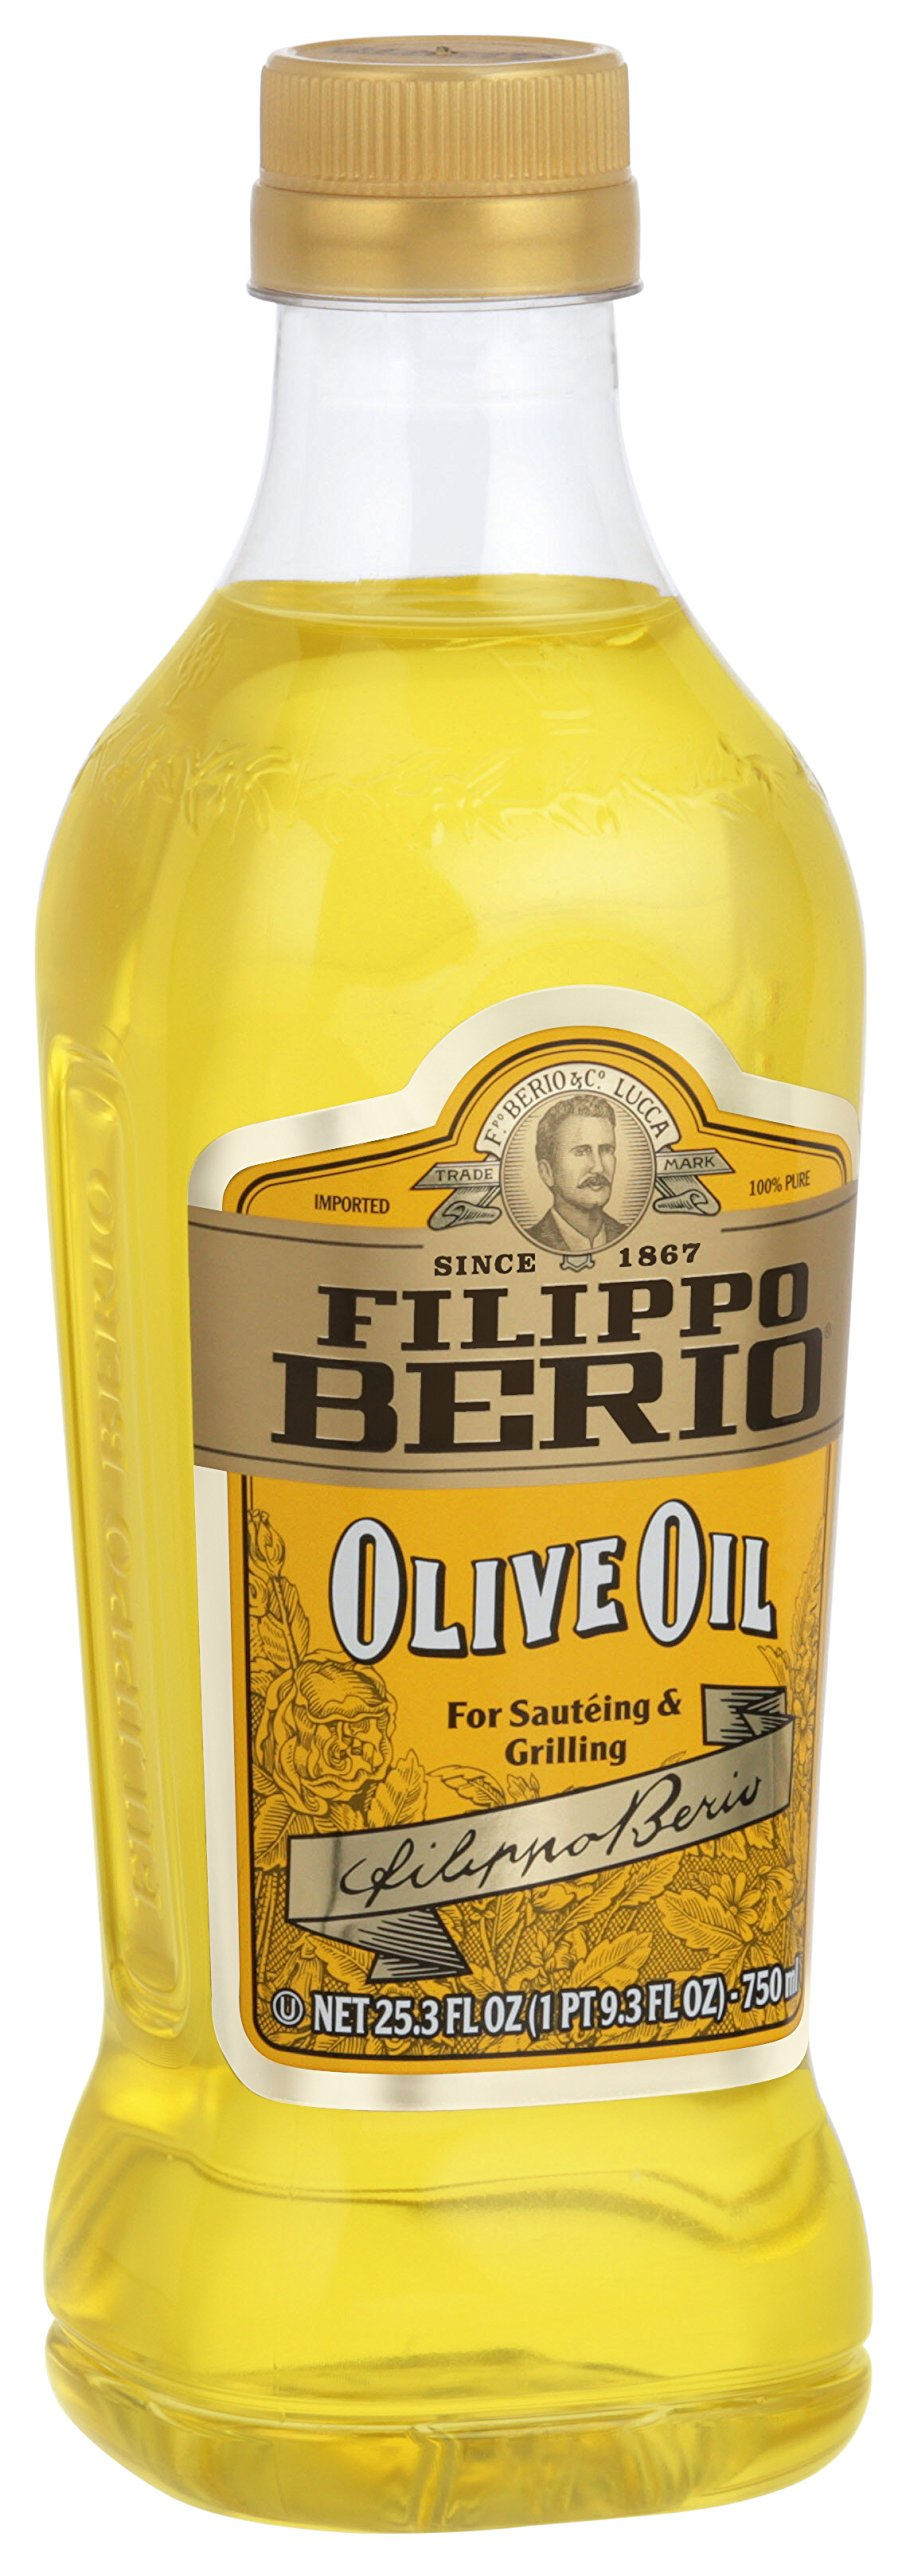 Filippo Berio Olive Oil, 25.3-Ounce by Filippo Berio (Image #6)